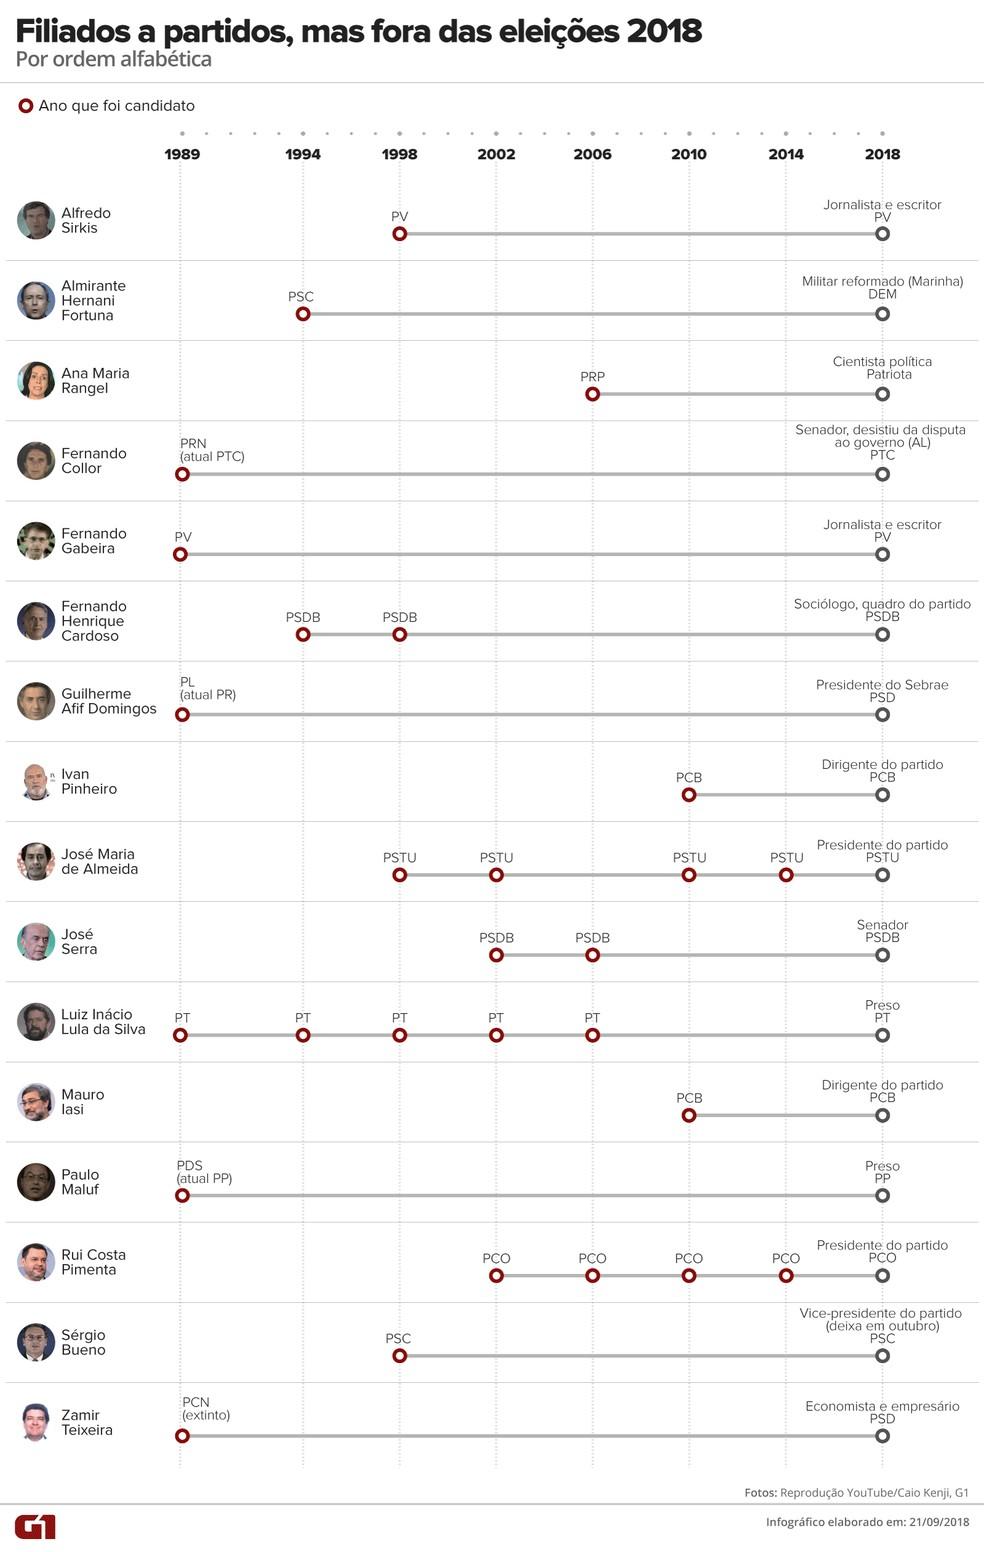 Presidenciáveis em eleições anteriores que seguem filiados a partidos, mas não concorrem em 2018 — Foto: Alexandre Mauro/G1